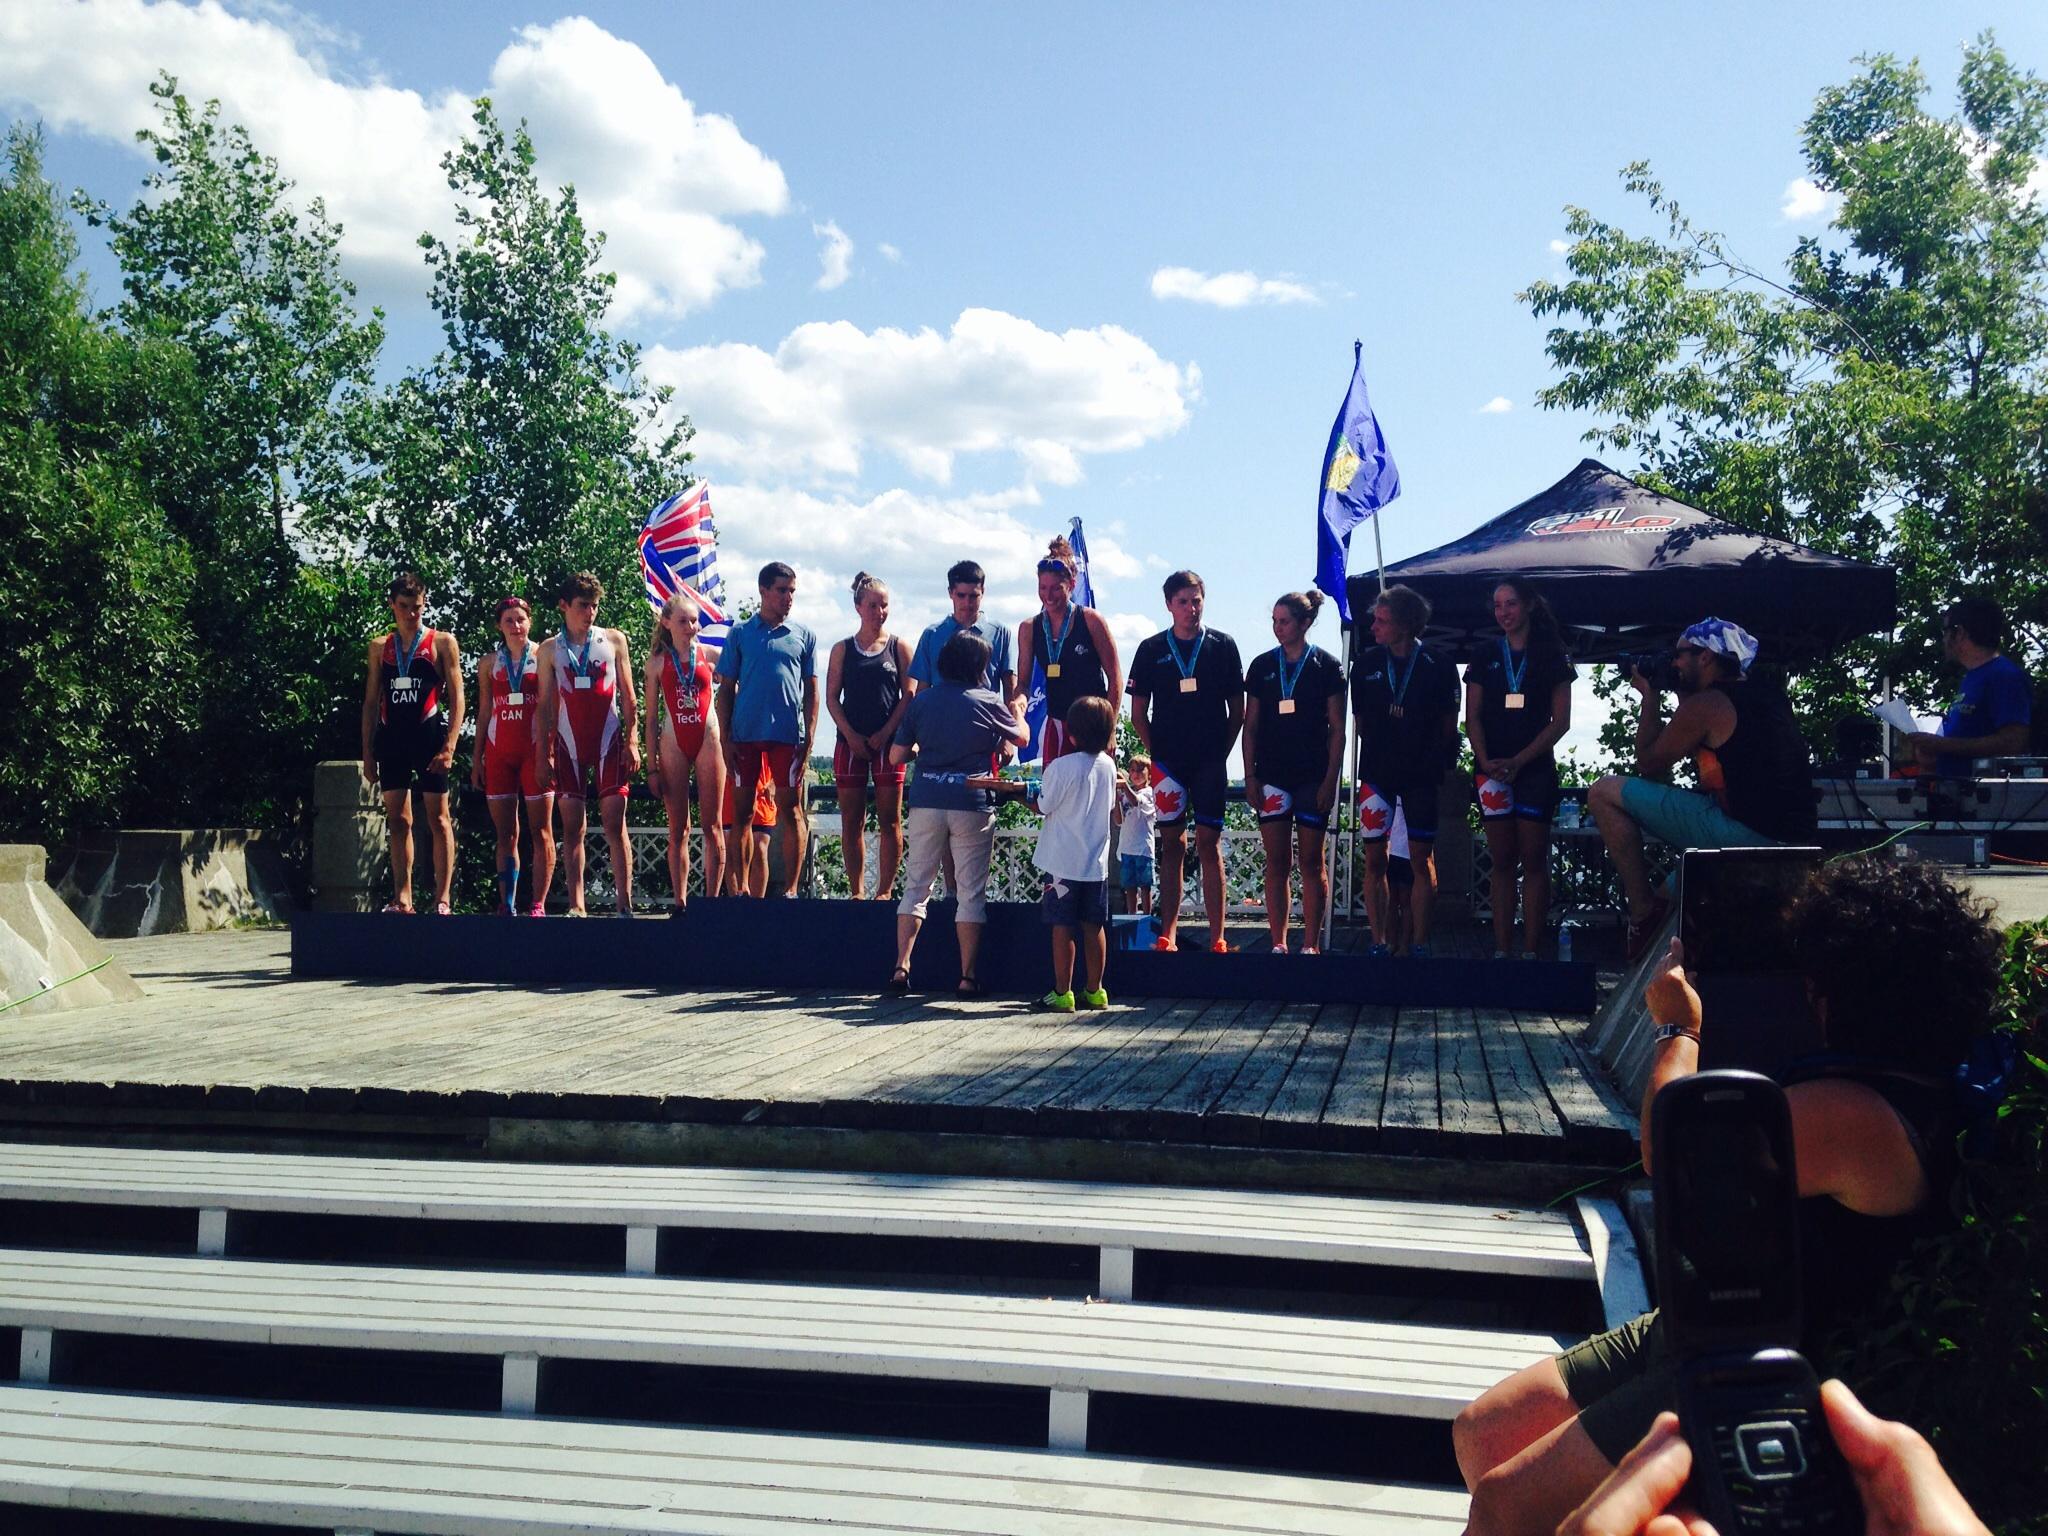 Le podium des relais mixtes par province. L'or pour le Quebec, Argent pour la Colombie-Britannique et le Bronze pour l'Alberta.